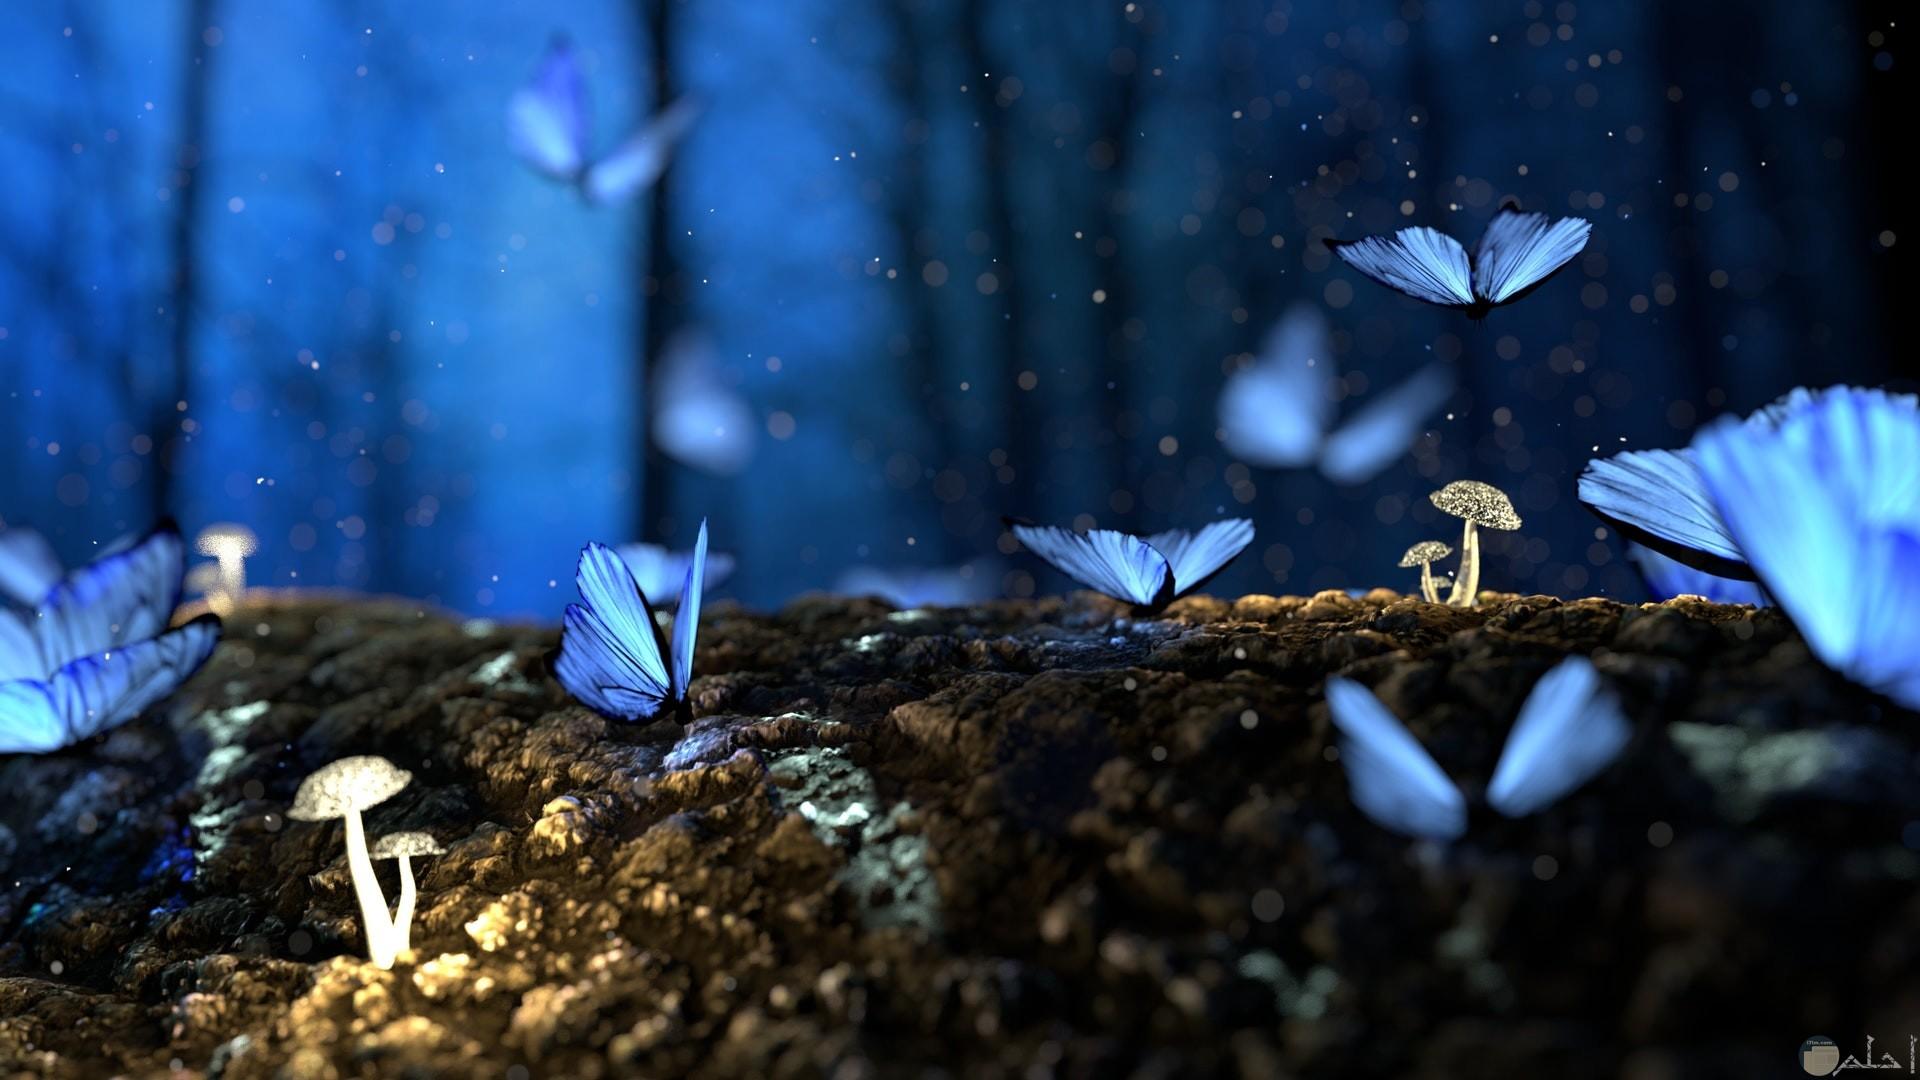 صورة جميلة للطبيعة حيث الفراشات الزرقاء التي تزين الغابة